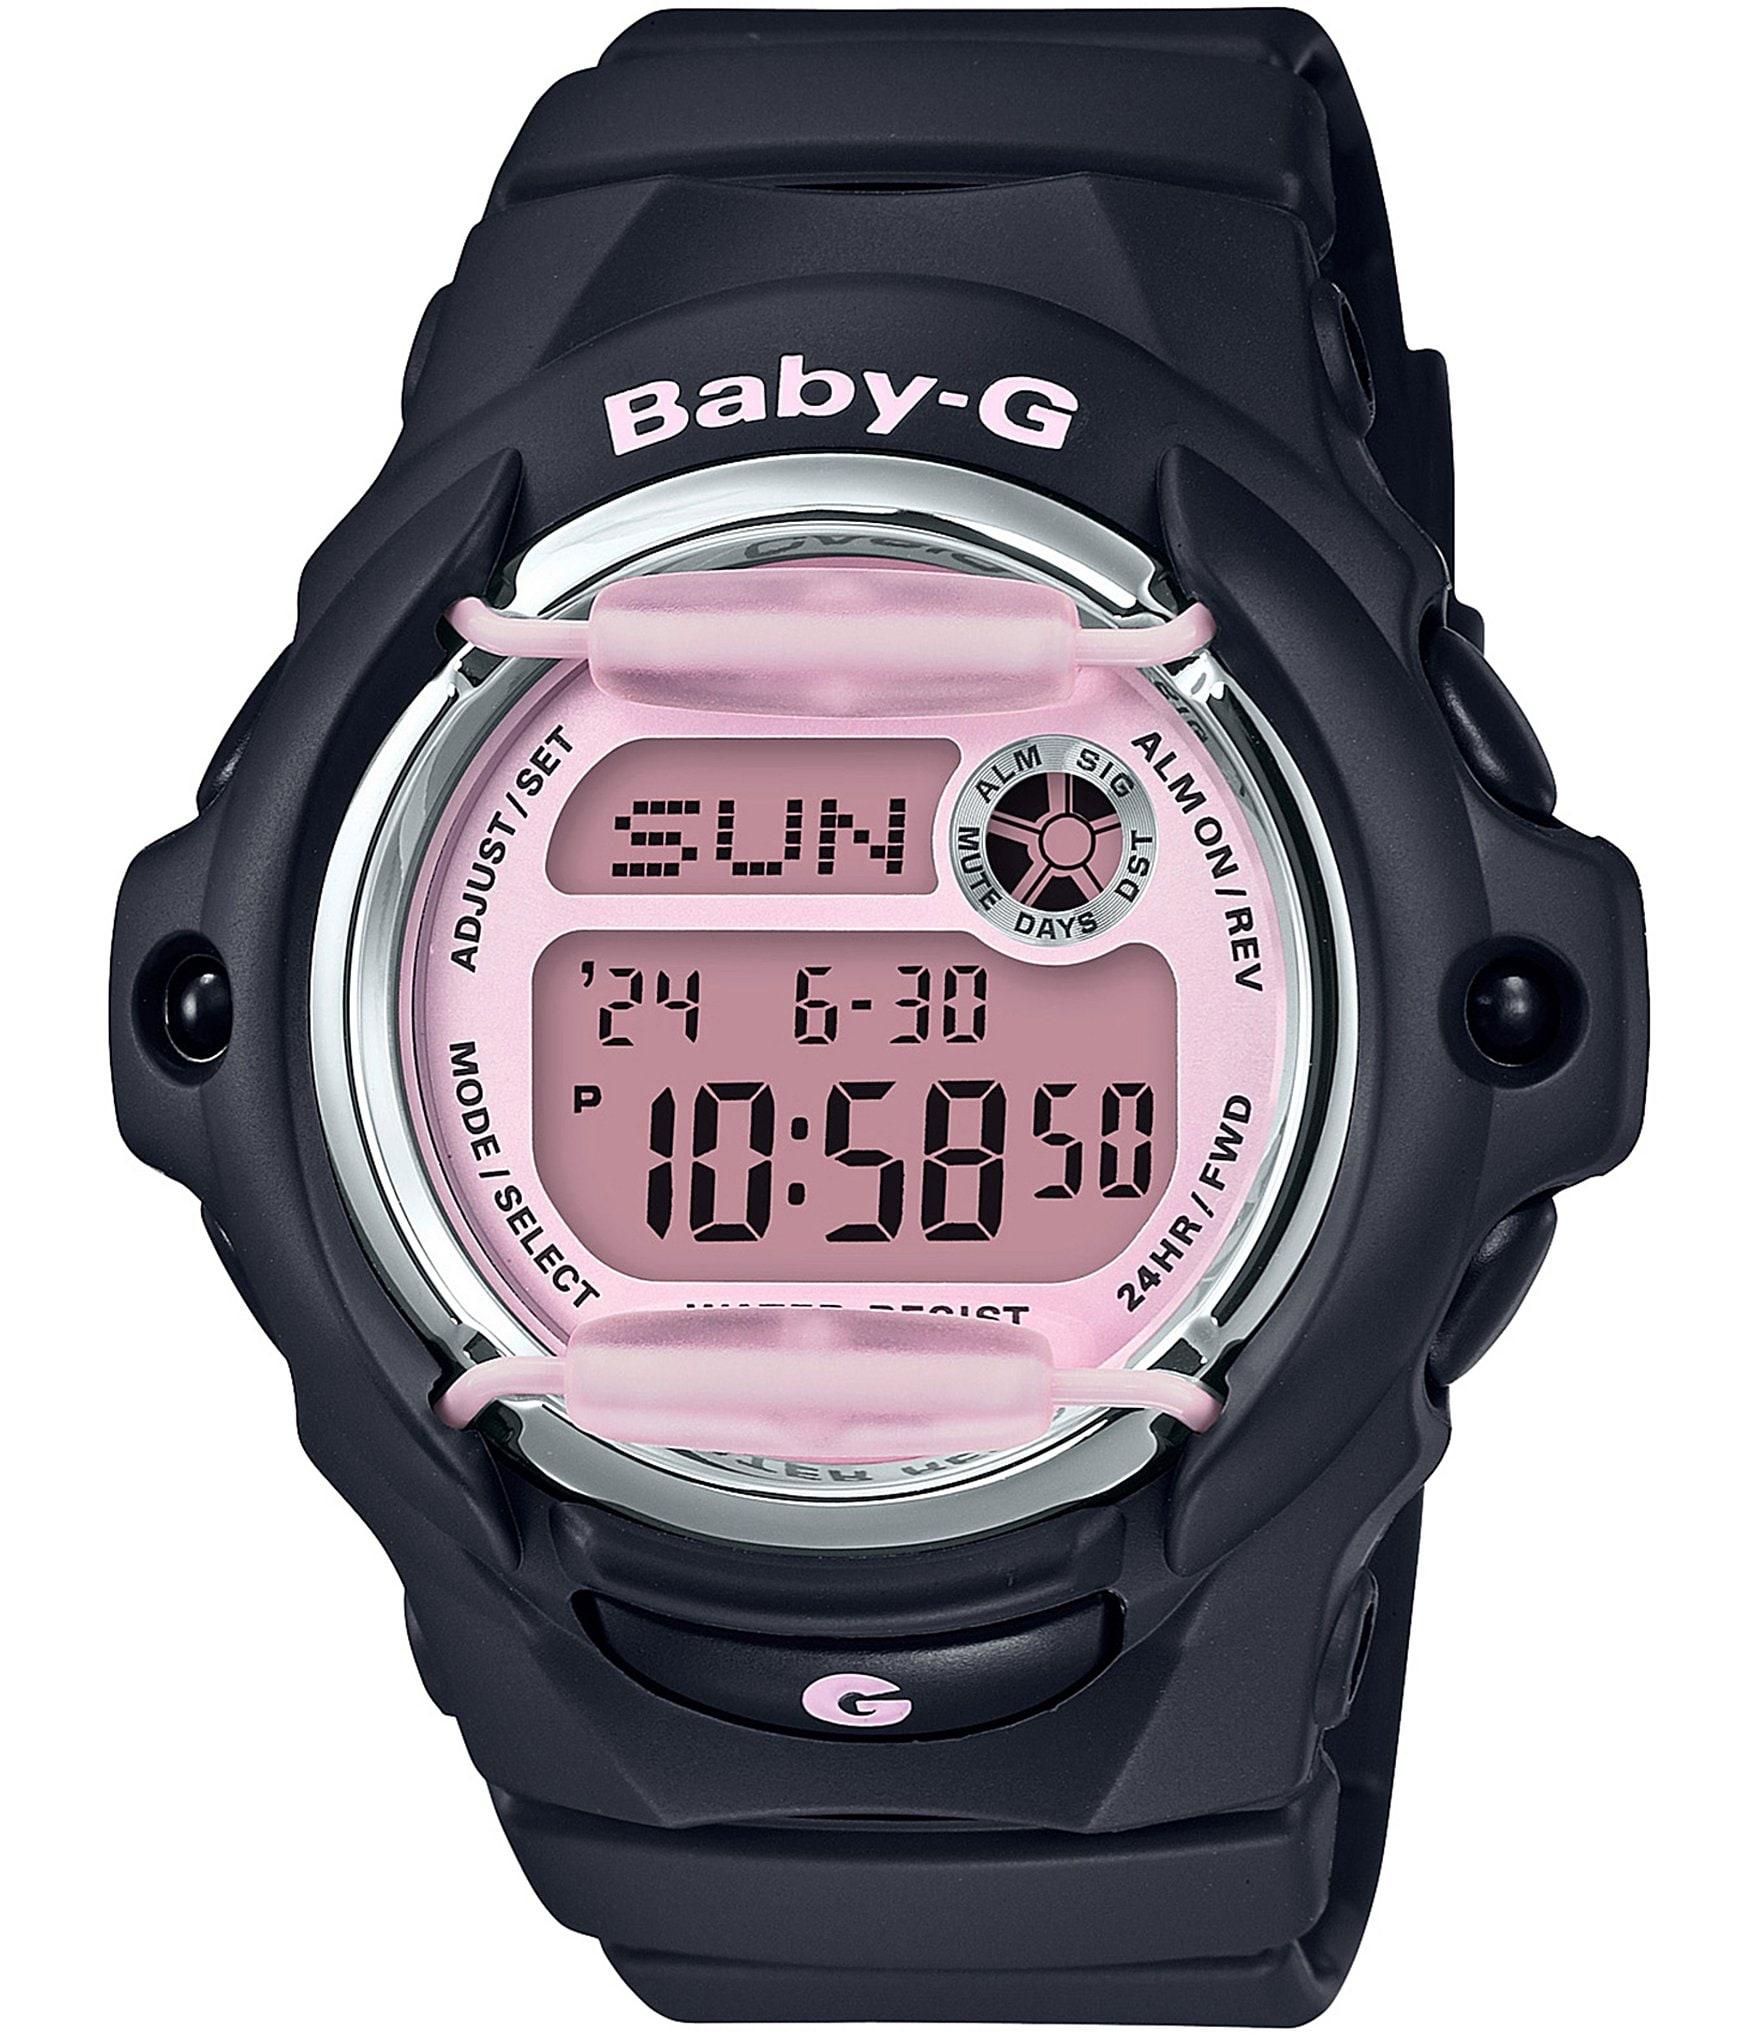 G Shock Digital Shock Resistant Watch